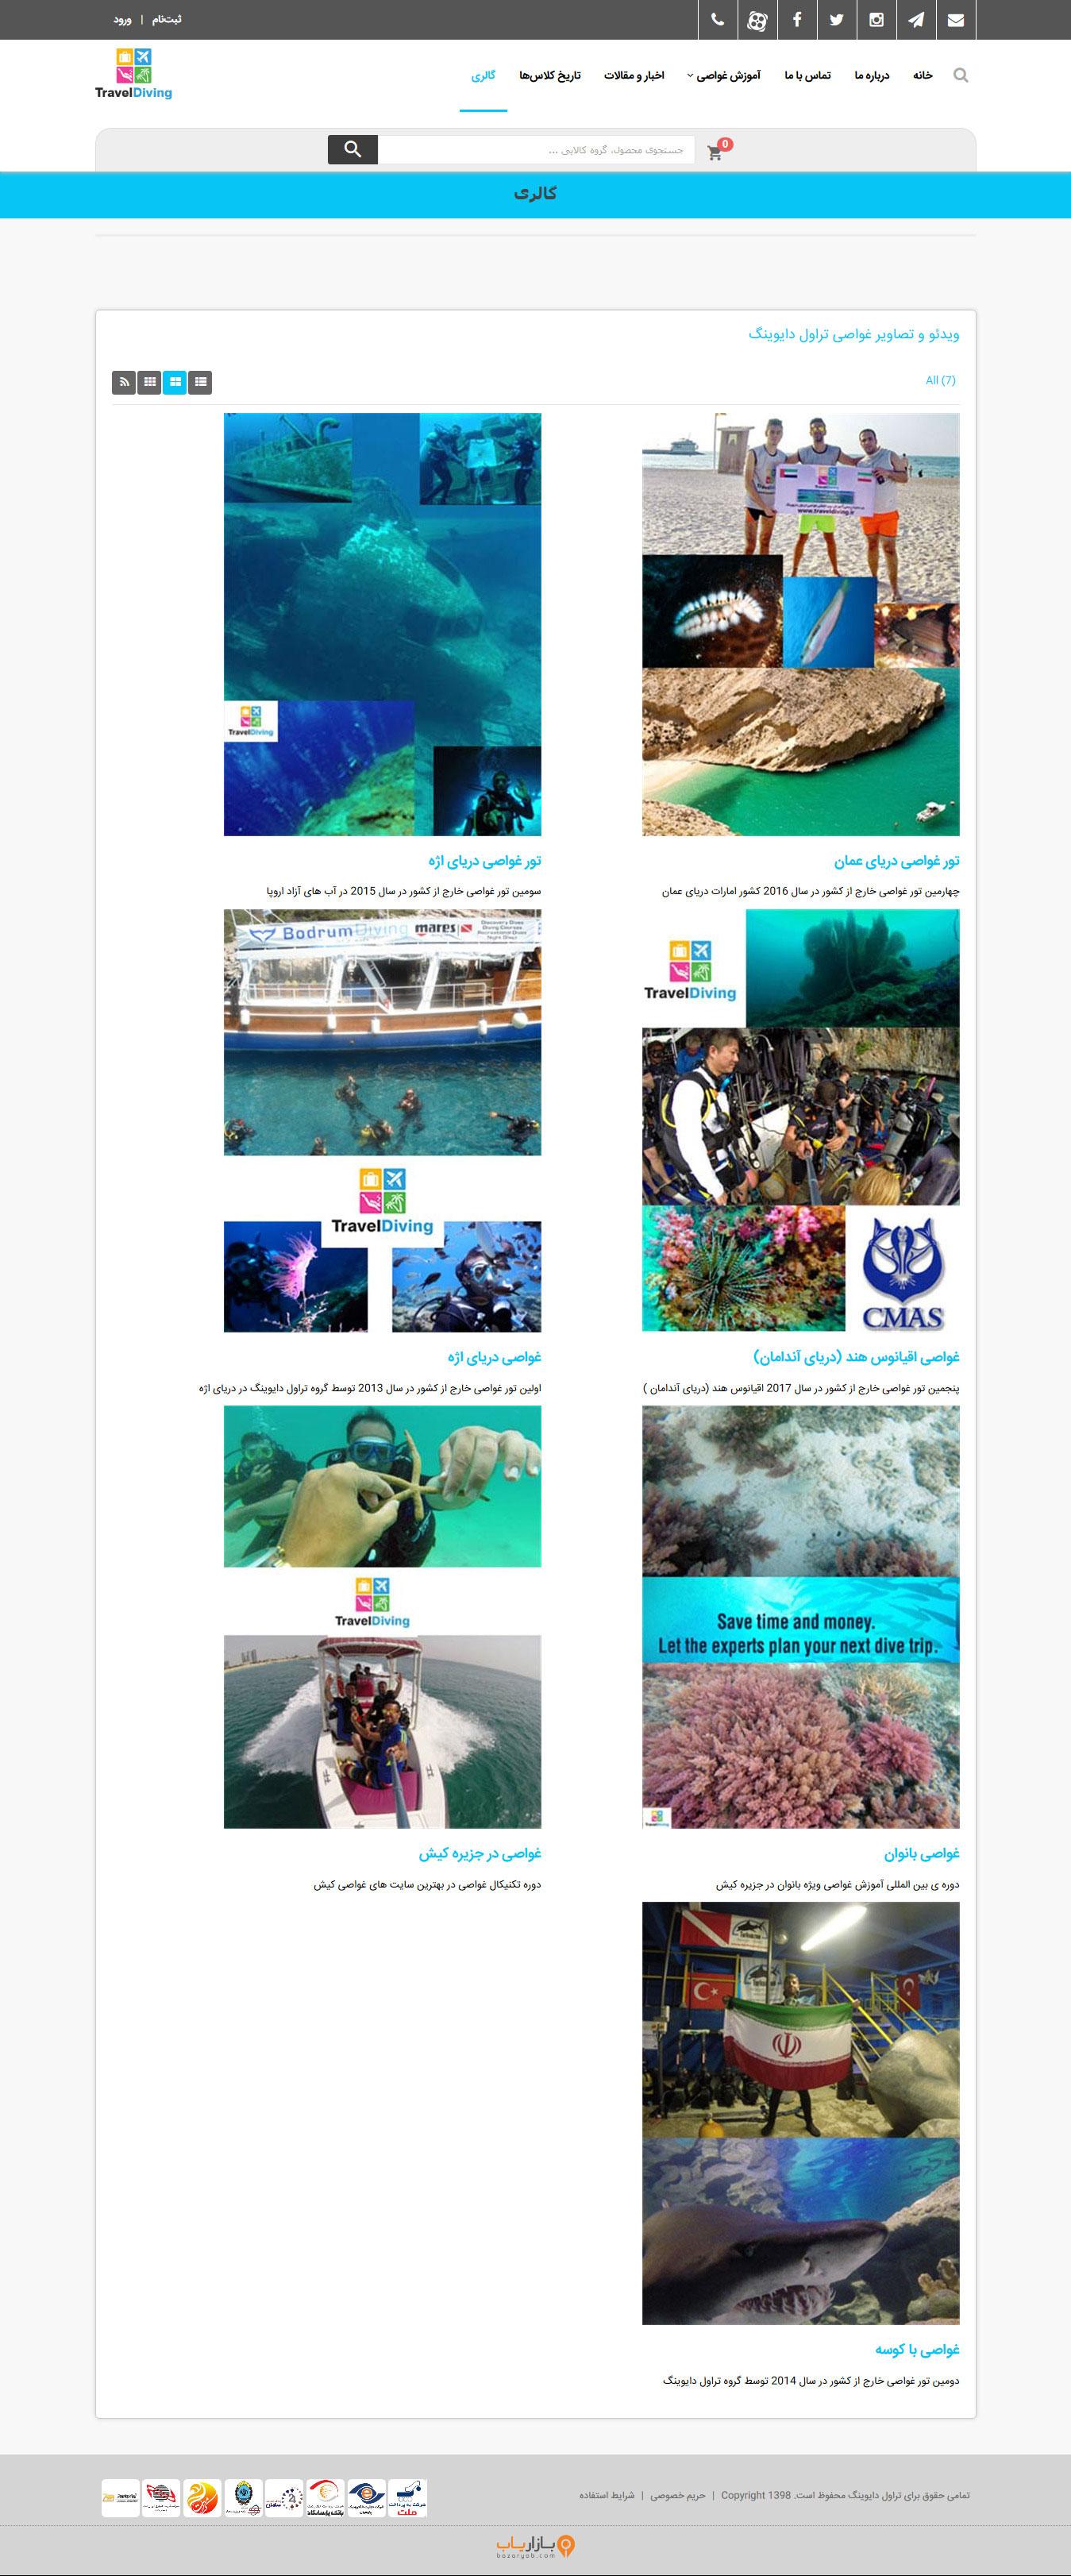 تصویری از صفحه گالری وبسایت باشگاه آموزشی غواصی و شنای تراول دایوینگ